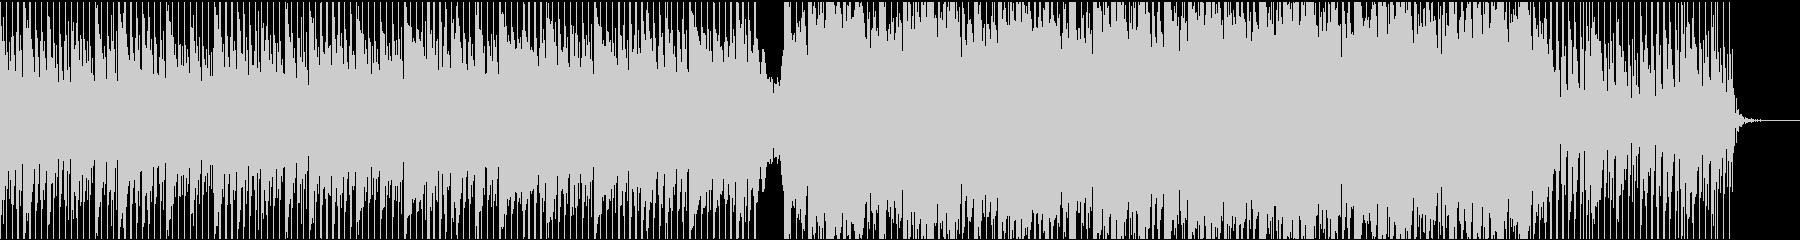 疾走系コーポレートの未再生の波形